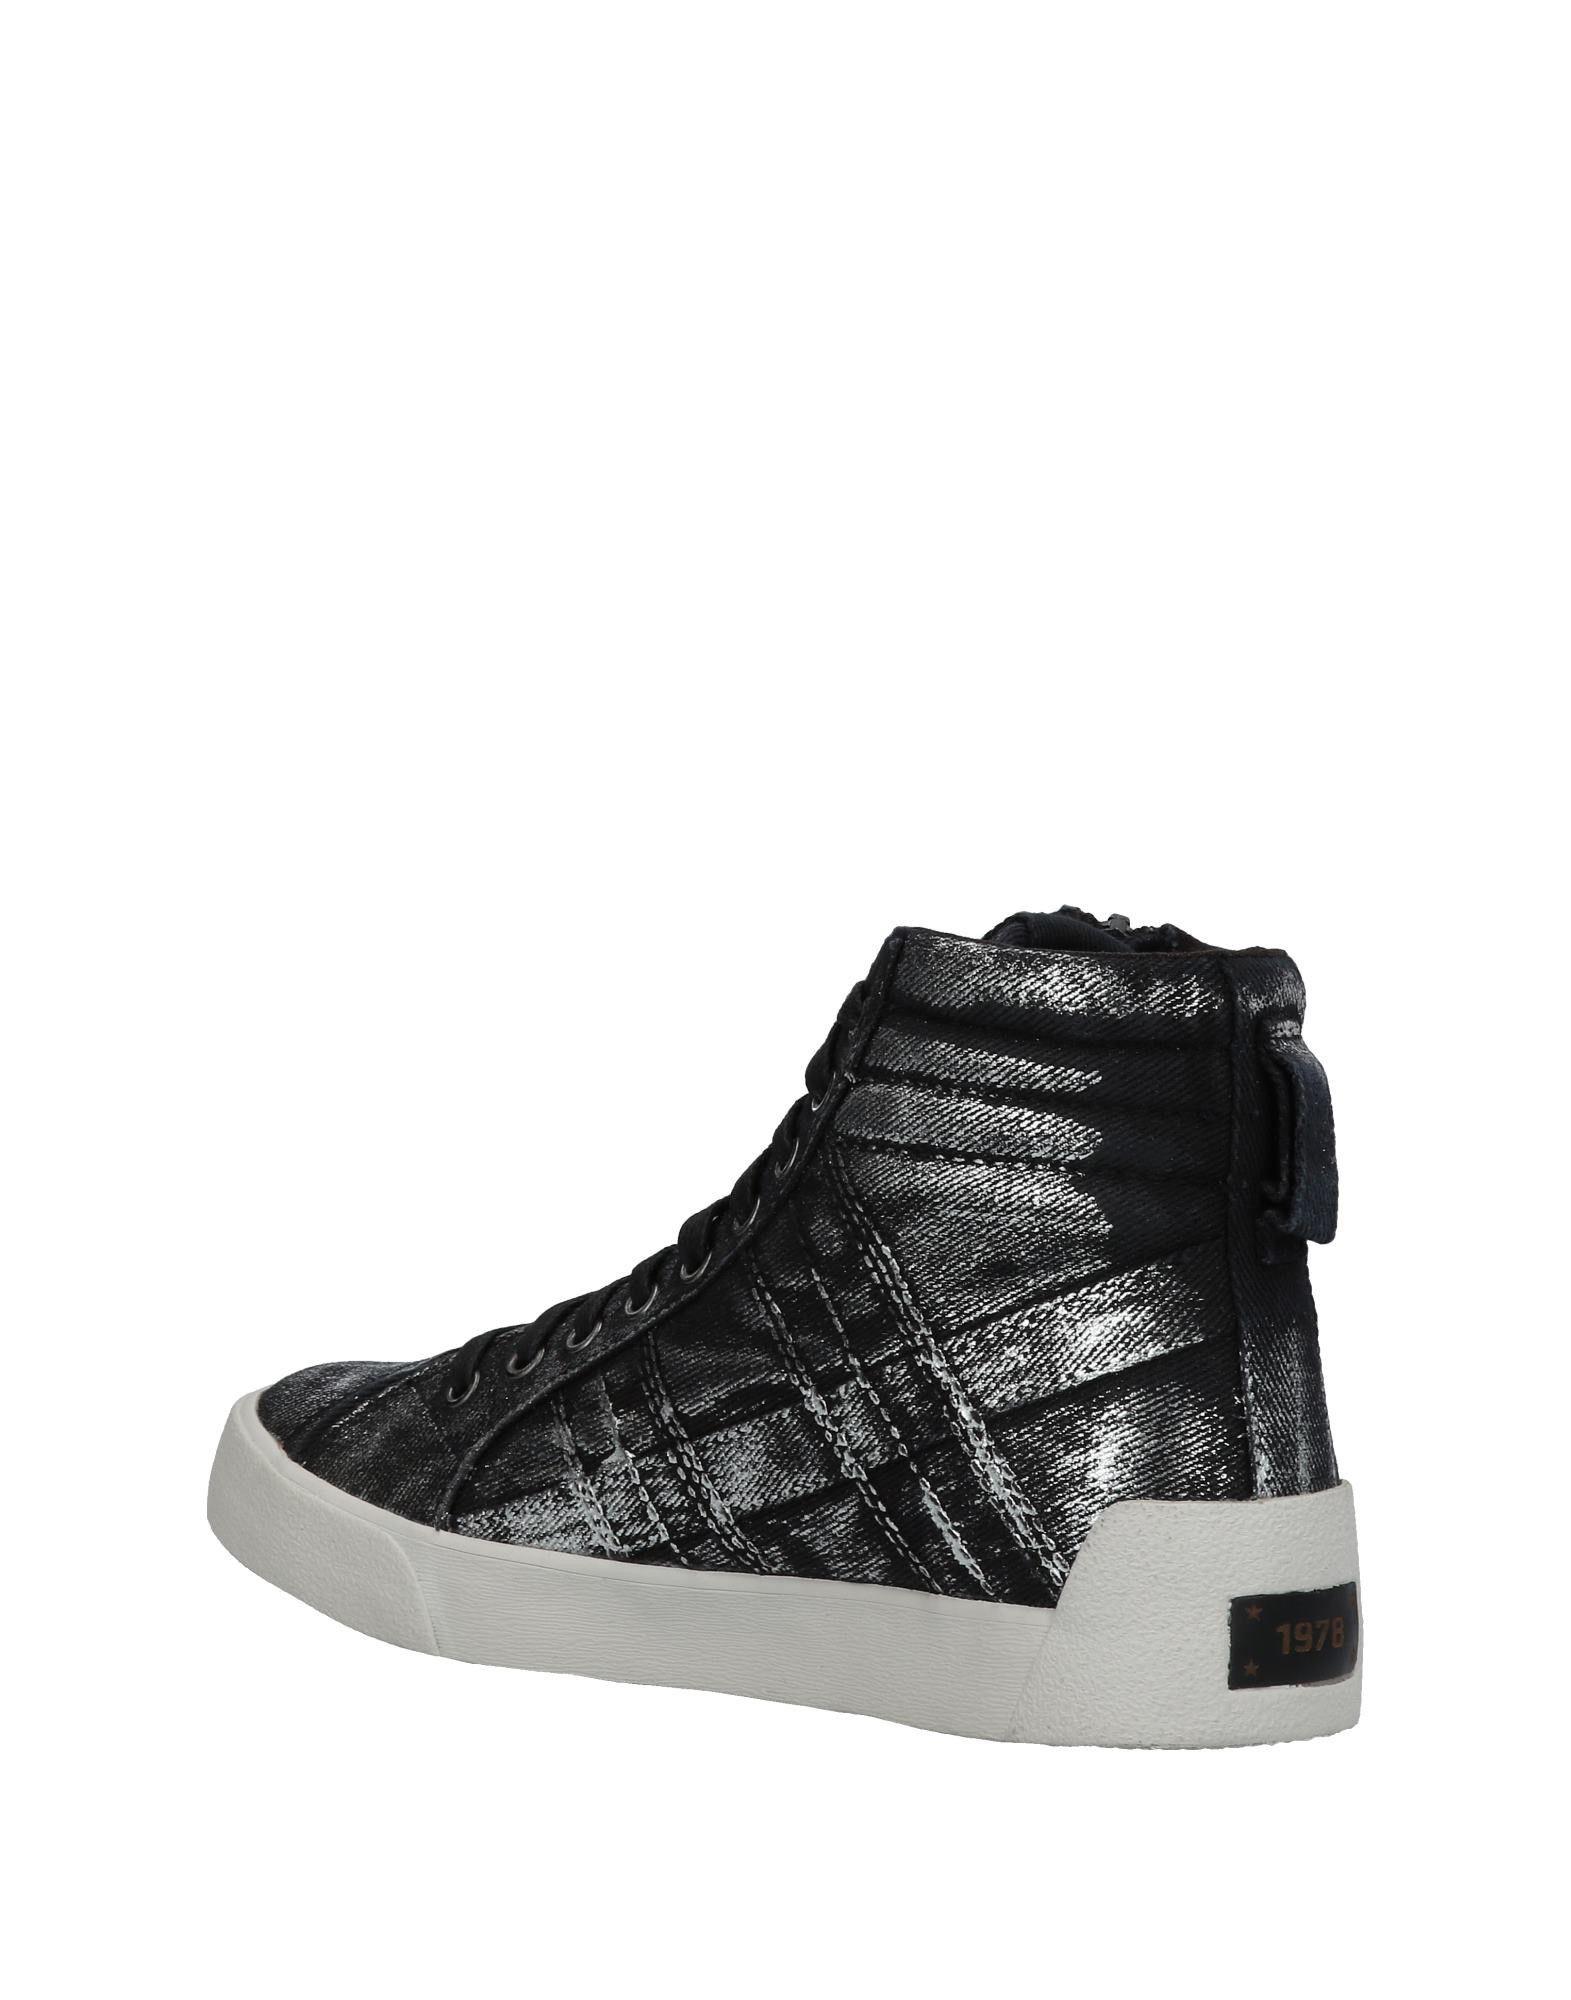 Sneakers Diesel Femme - Sneakers Diesel sur